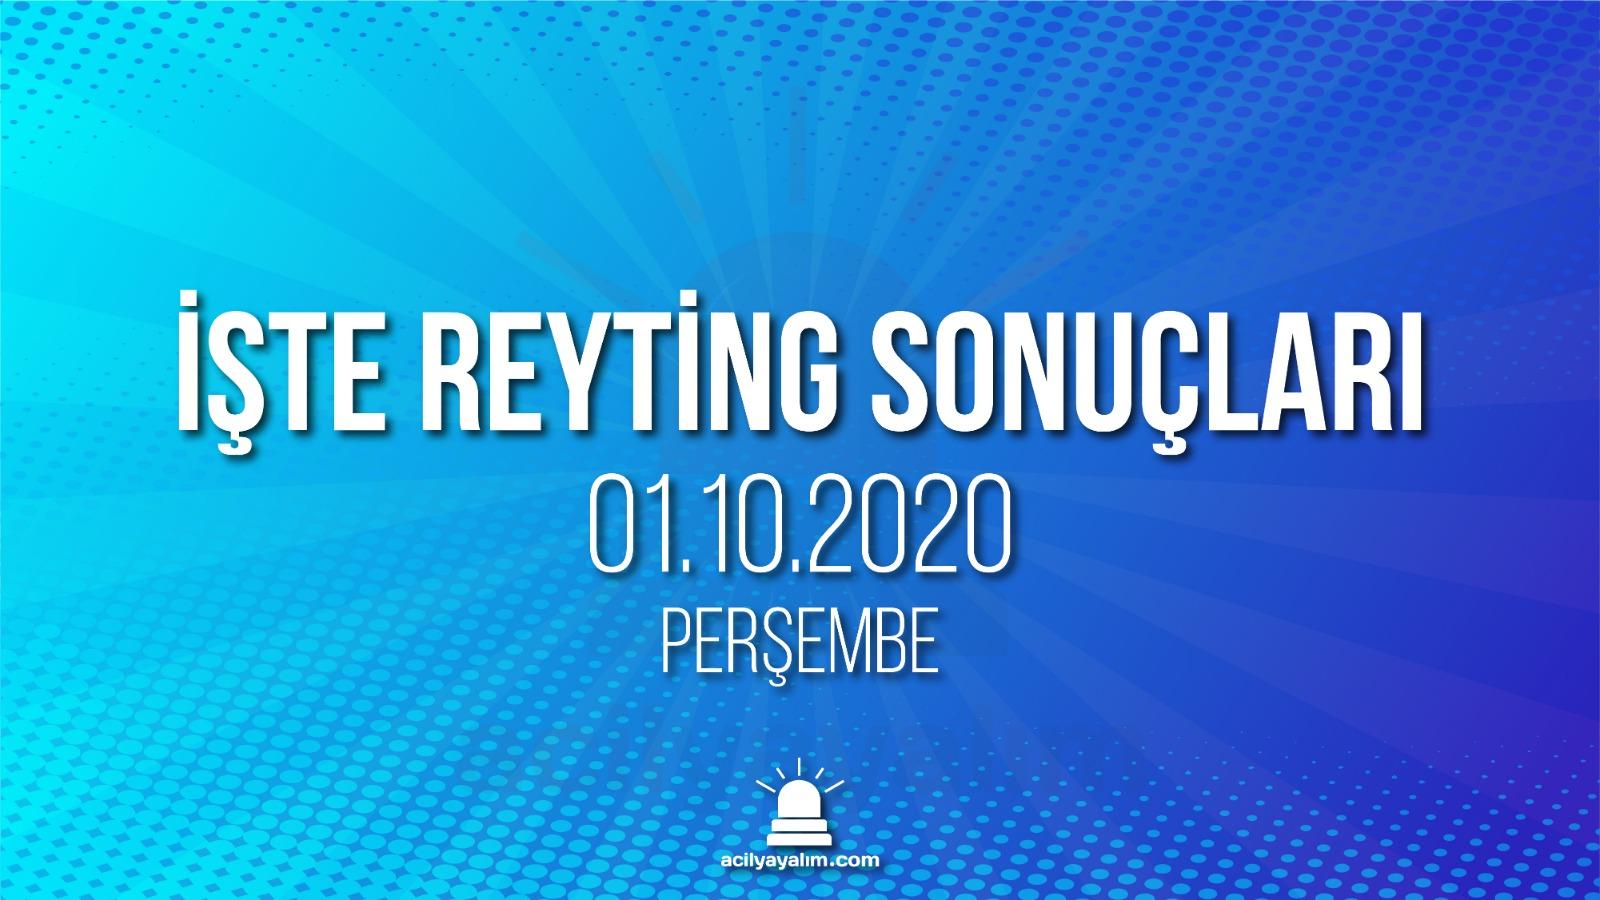 1 Ekim 2020 Perşembe reyting sonuçları